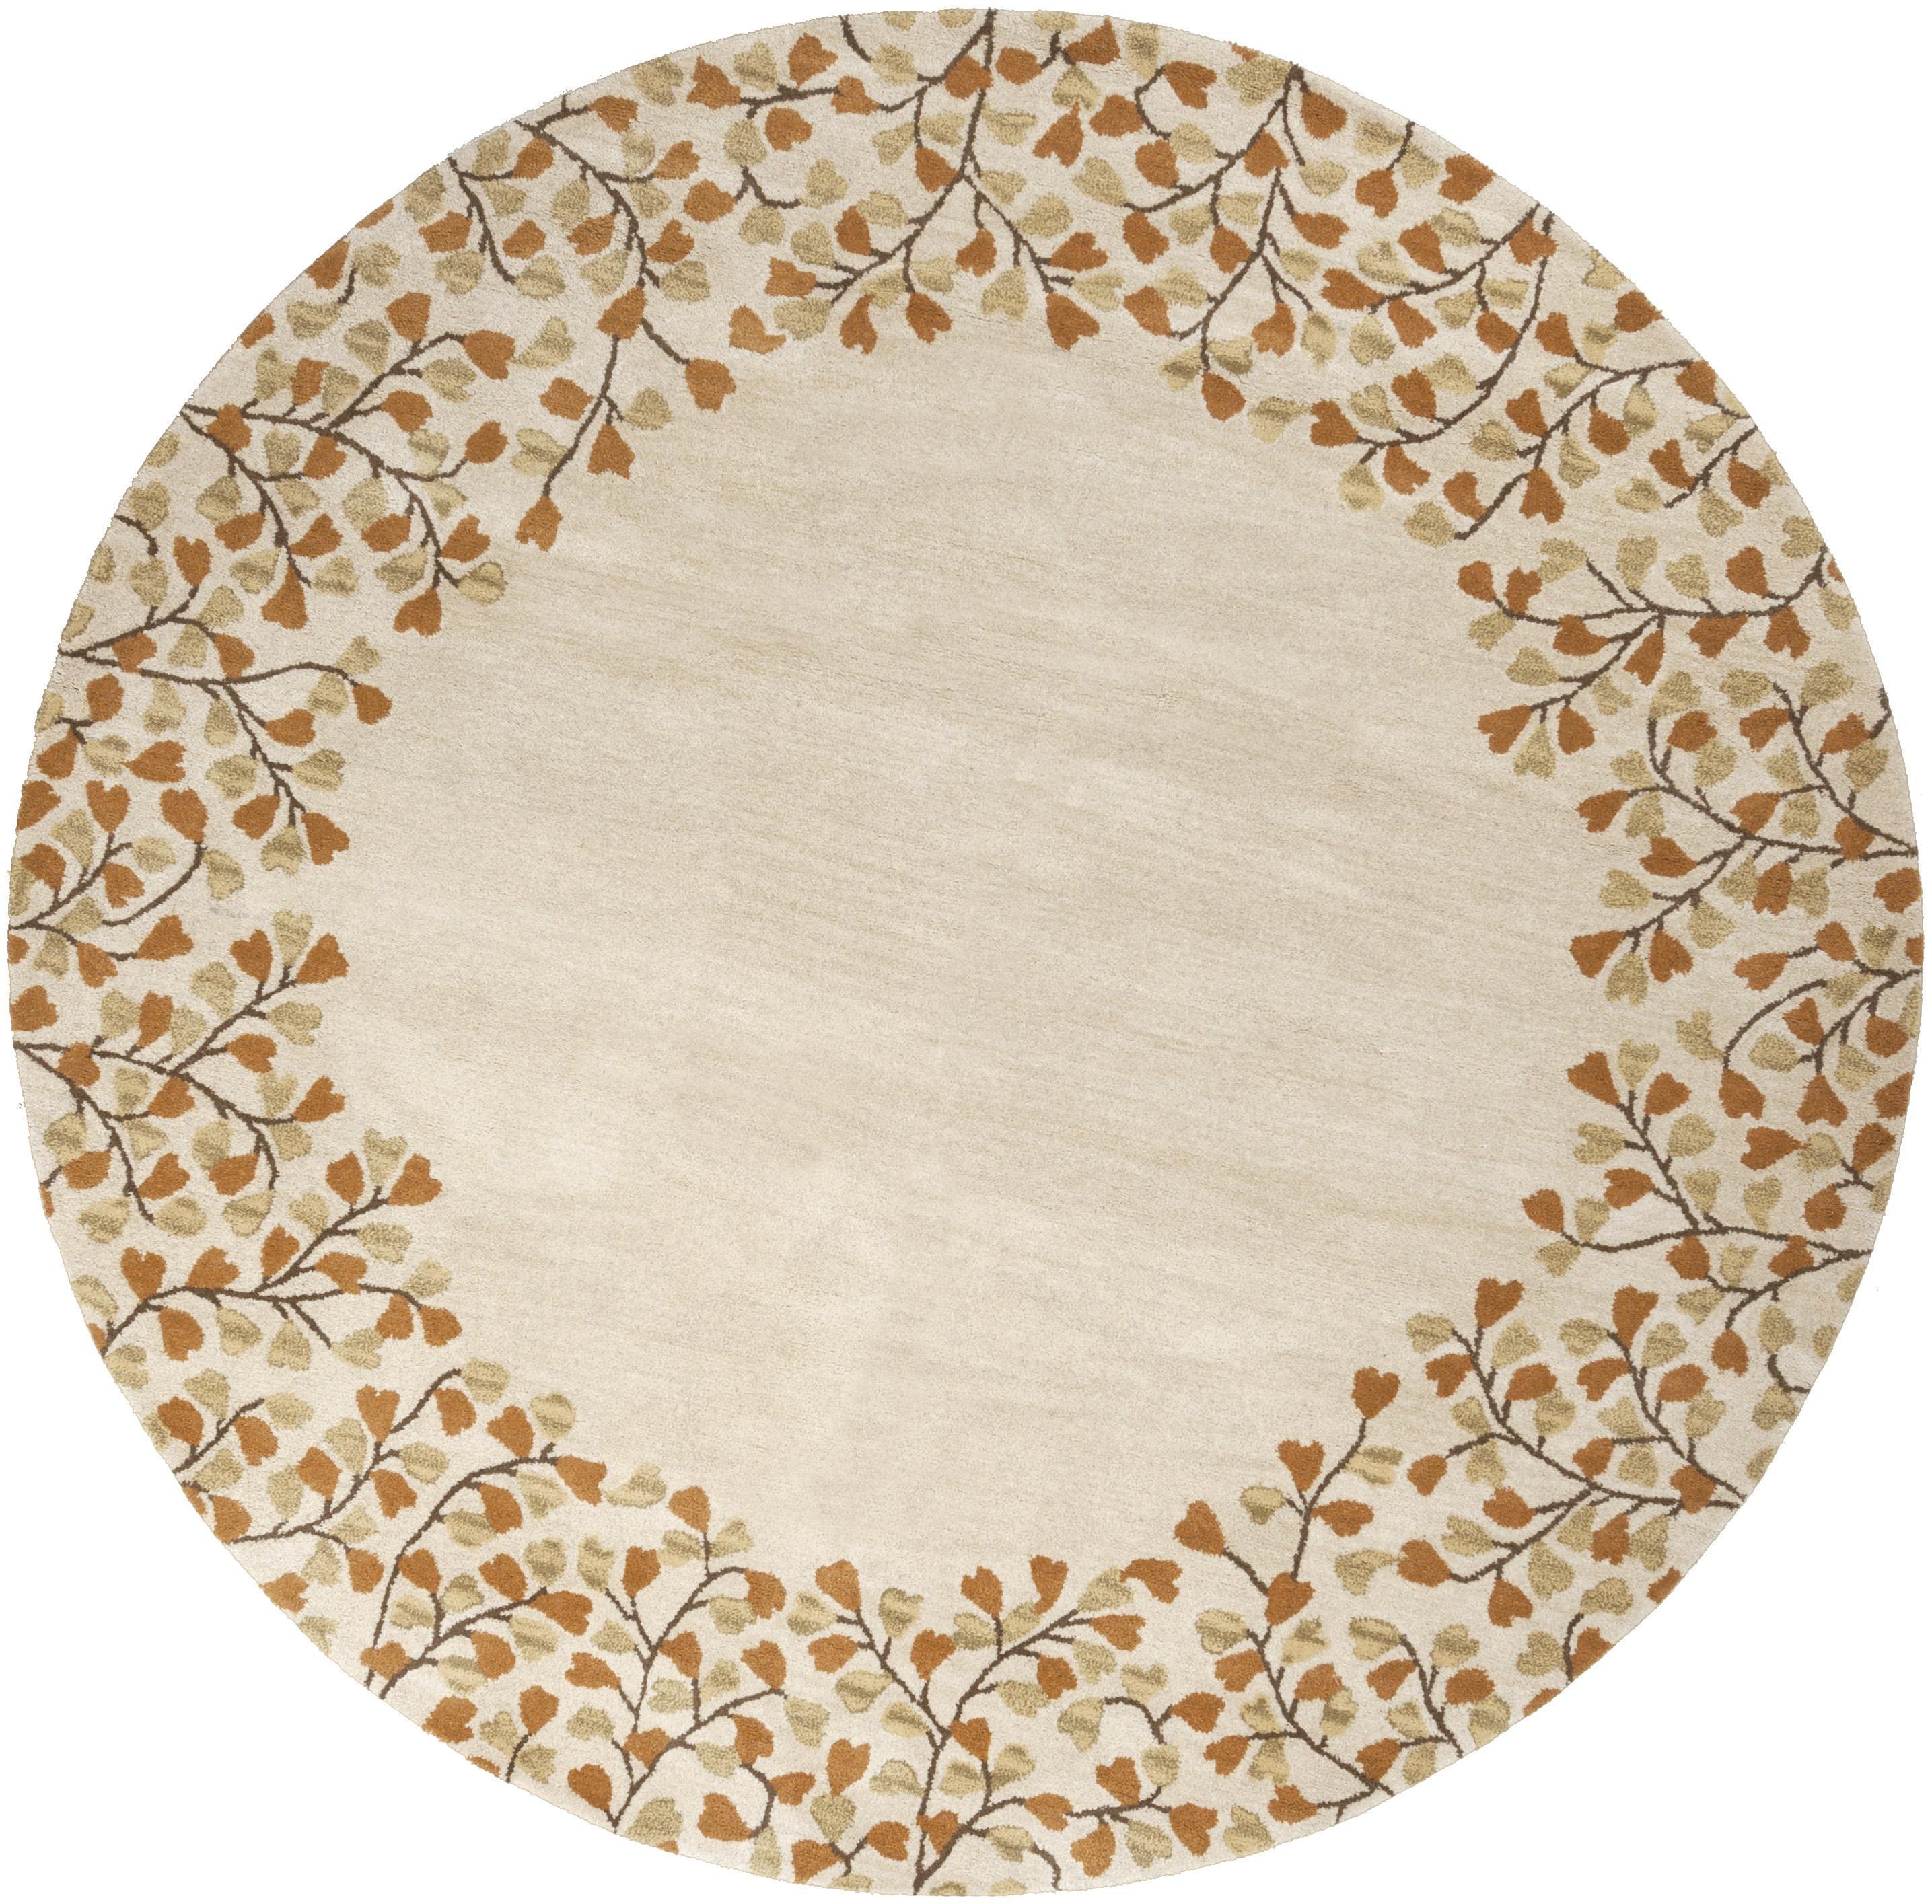 Athena 6' Round by Surya at Wayside Furniture